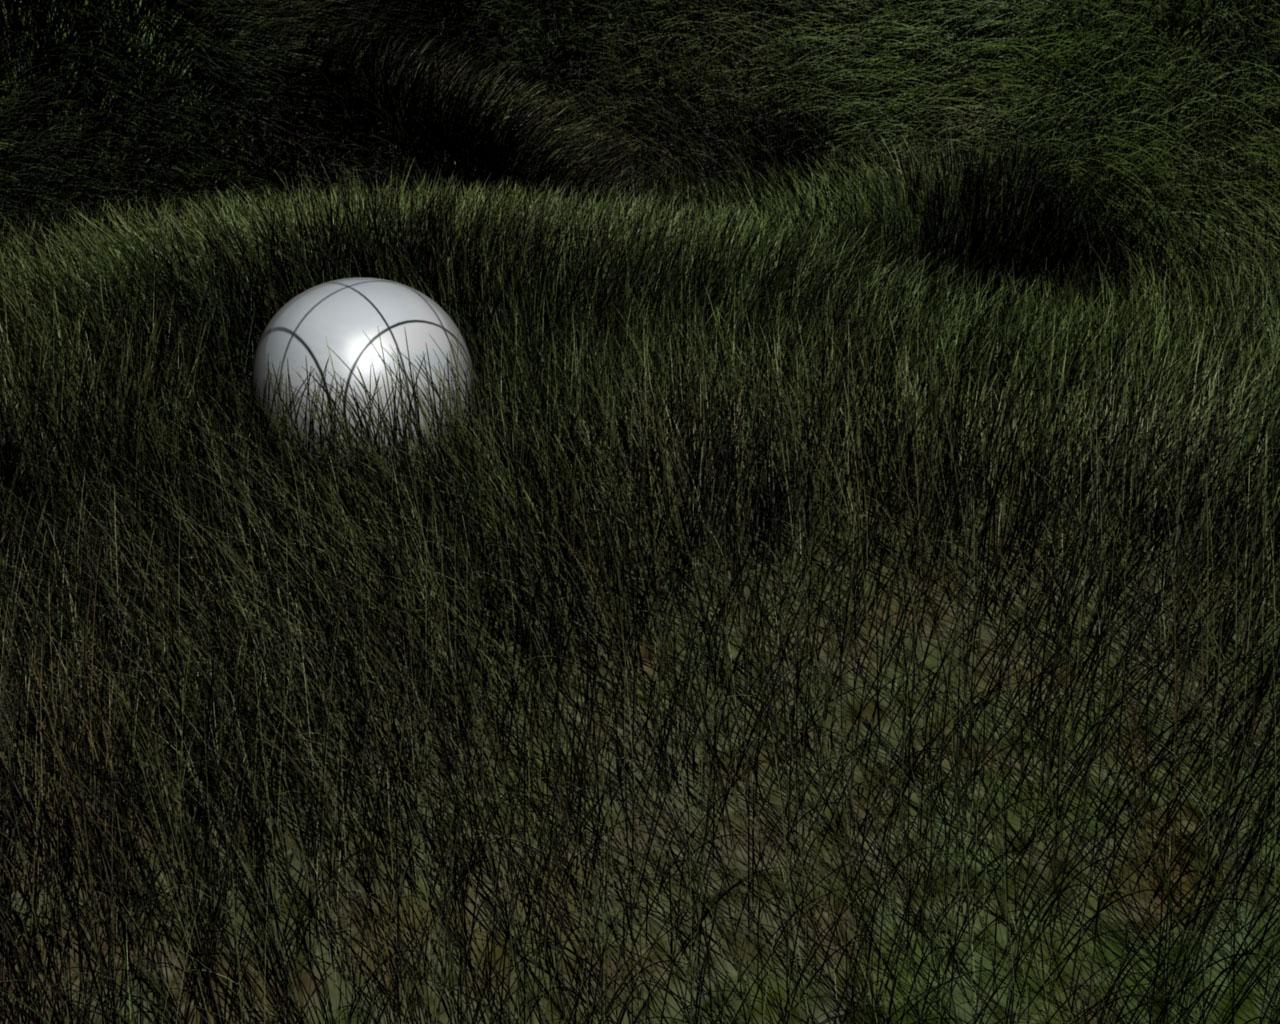 football wallpaper, скачать фото, футбольное фото, мяч, зеленая трава